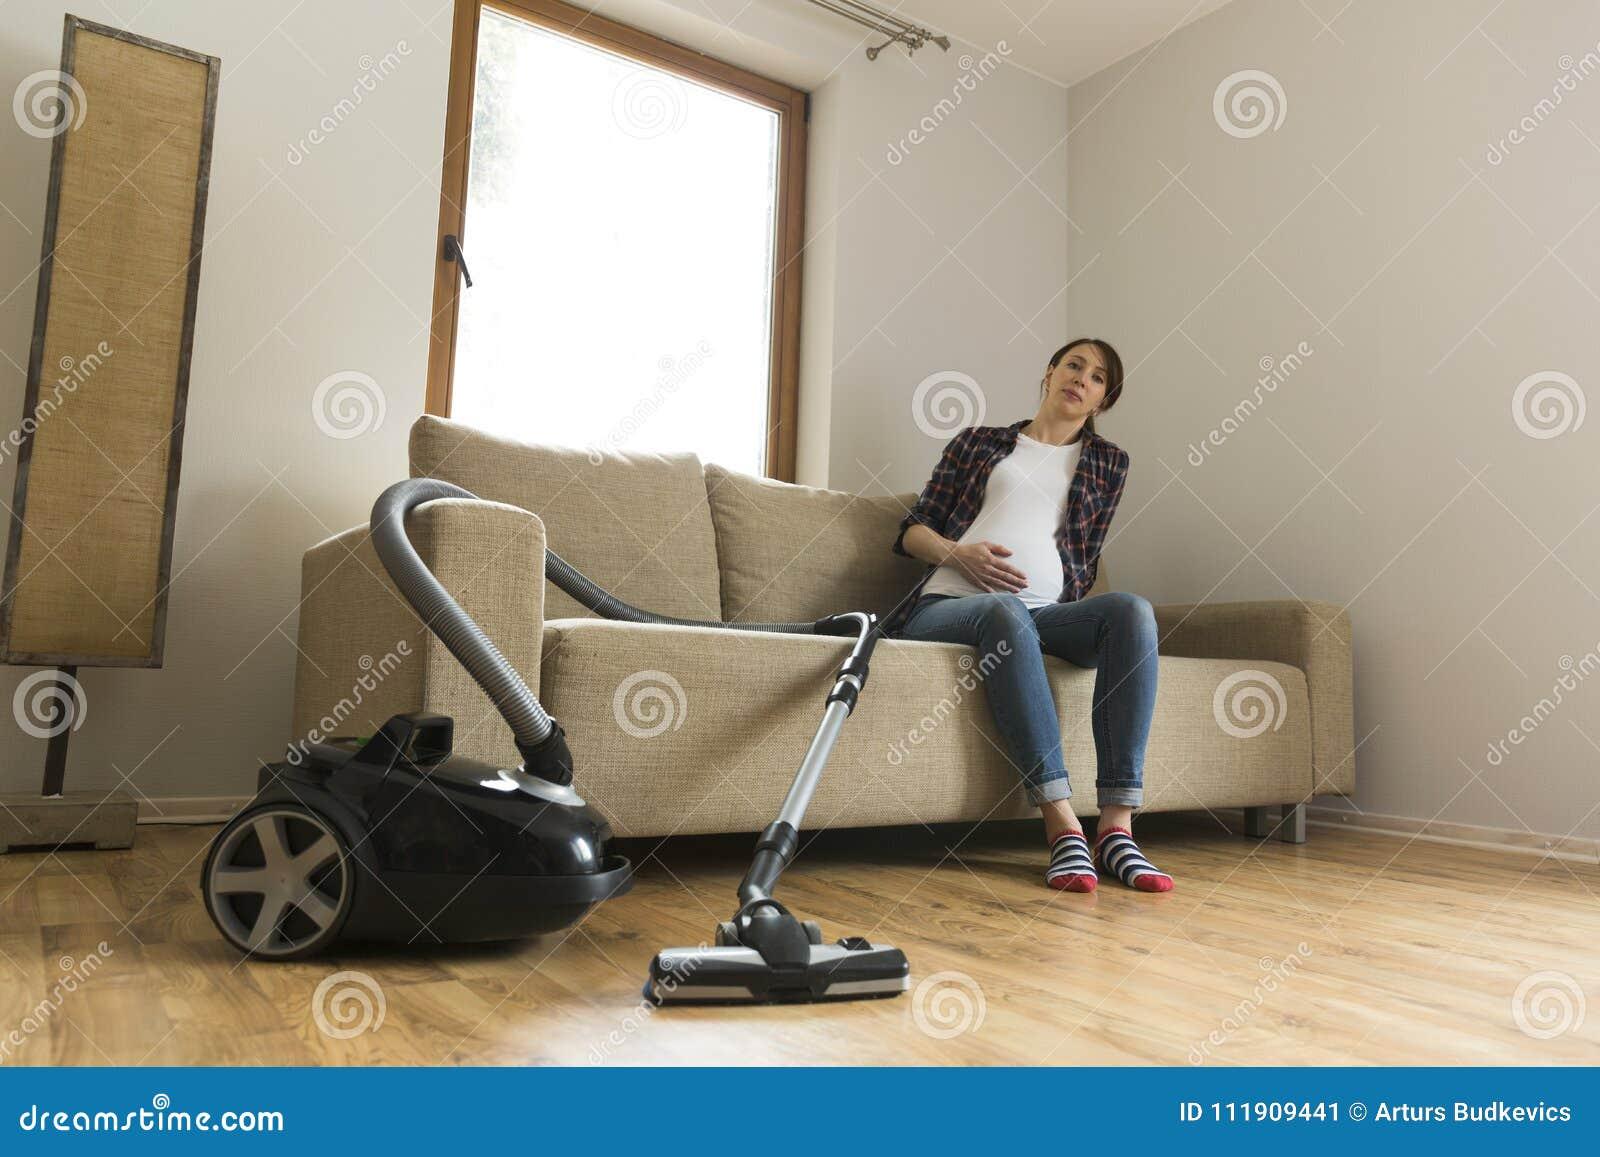 La femme enceinte s asseyant sur le divan a fatigué de nettoyer à l aspirateur Concept de ménage et de grand nettoyage